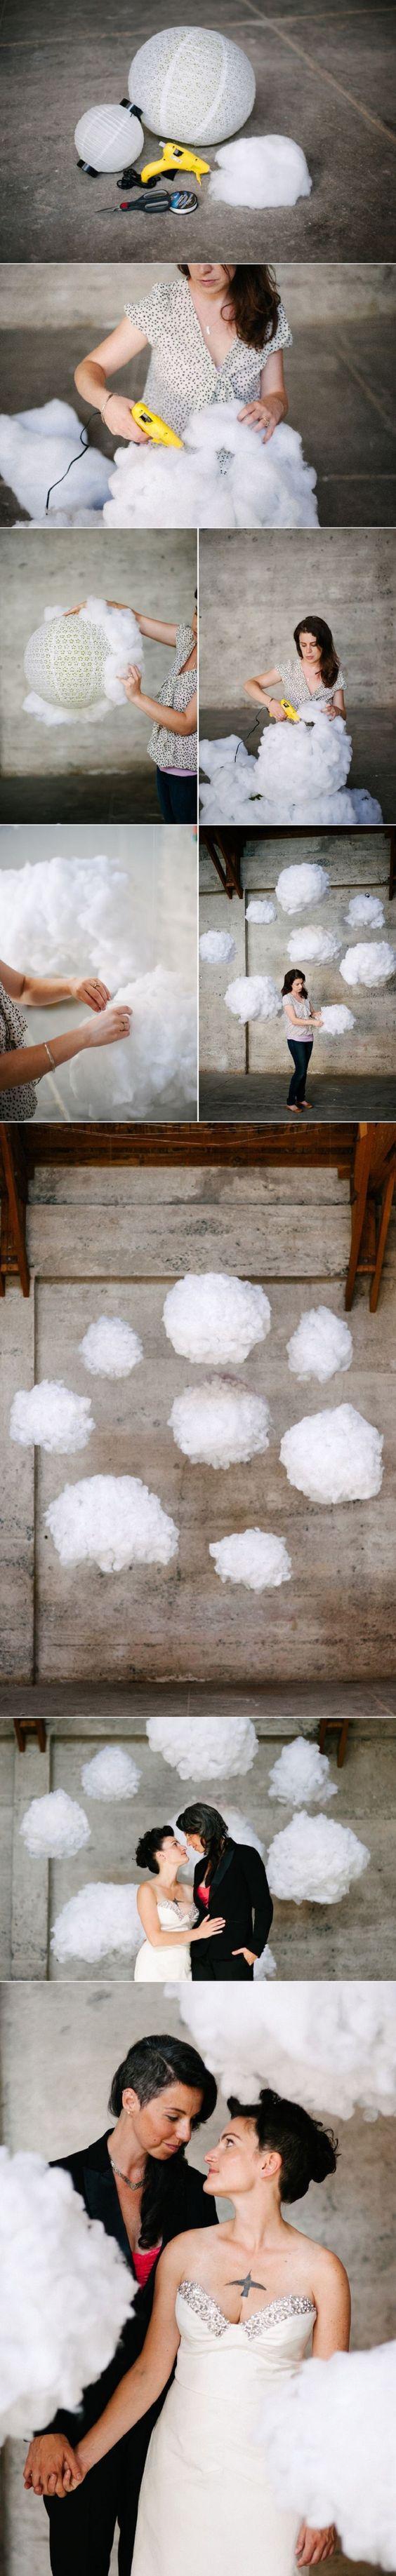 Papierlampe ganz einfach mit Watte beklebt. Perfekt für den Winter.